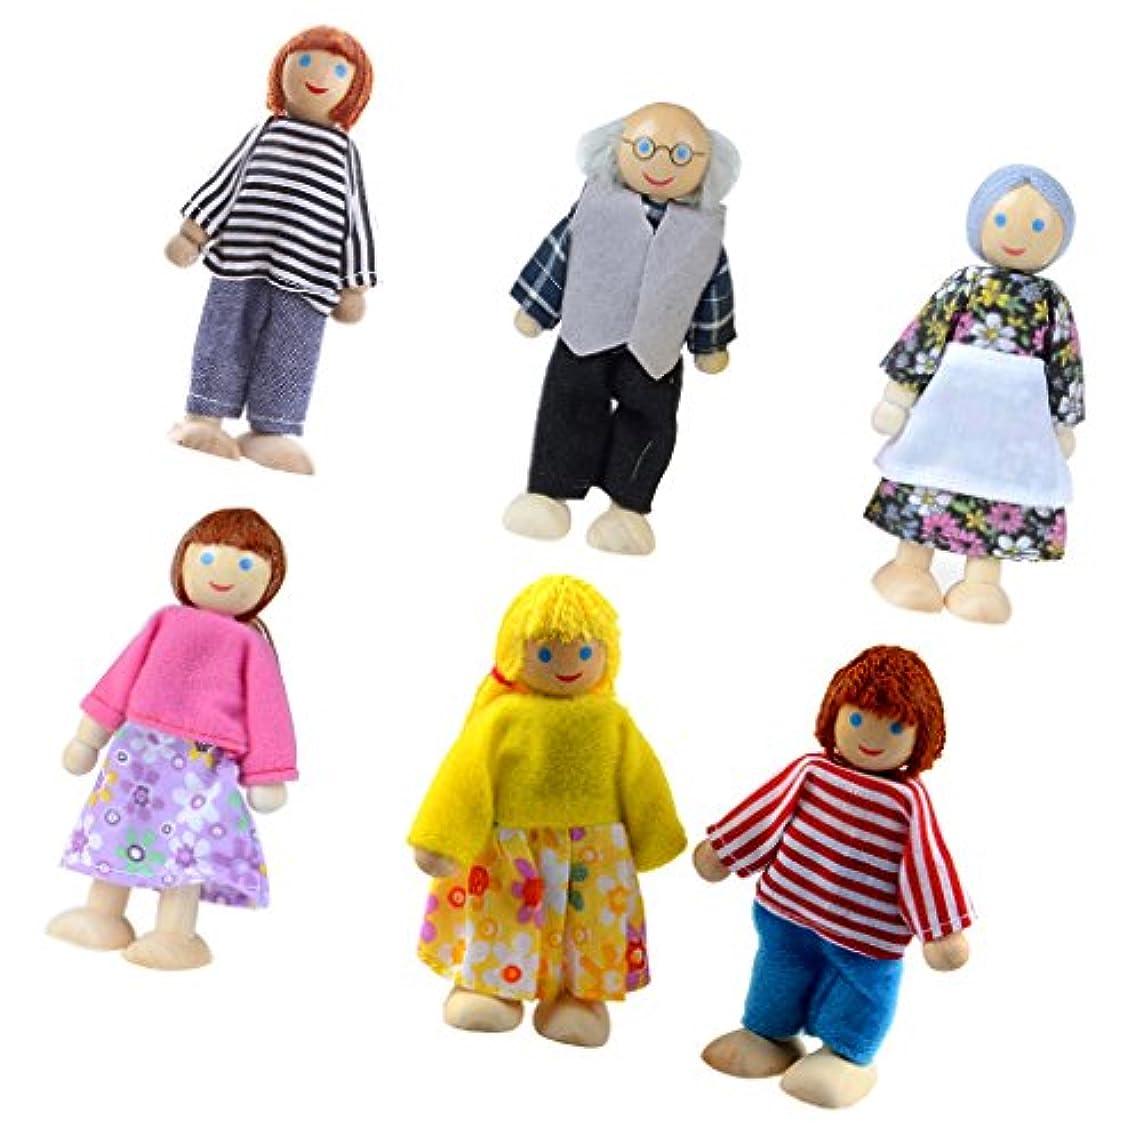 見込み見込みタクシーToygogo 6ピース/個 Baby Kids Play Game rn Story Family Puppets Toys NEW